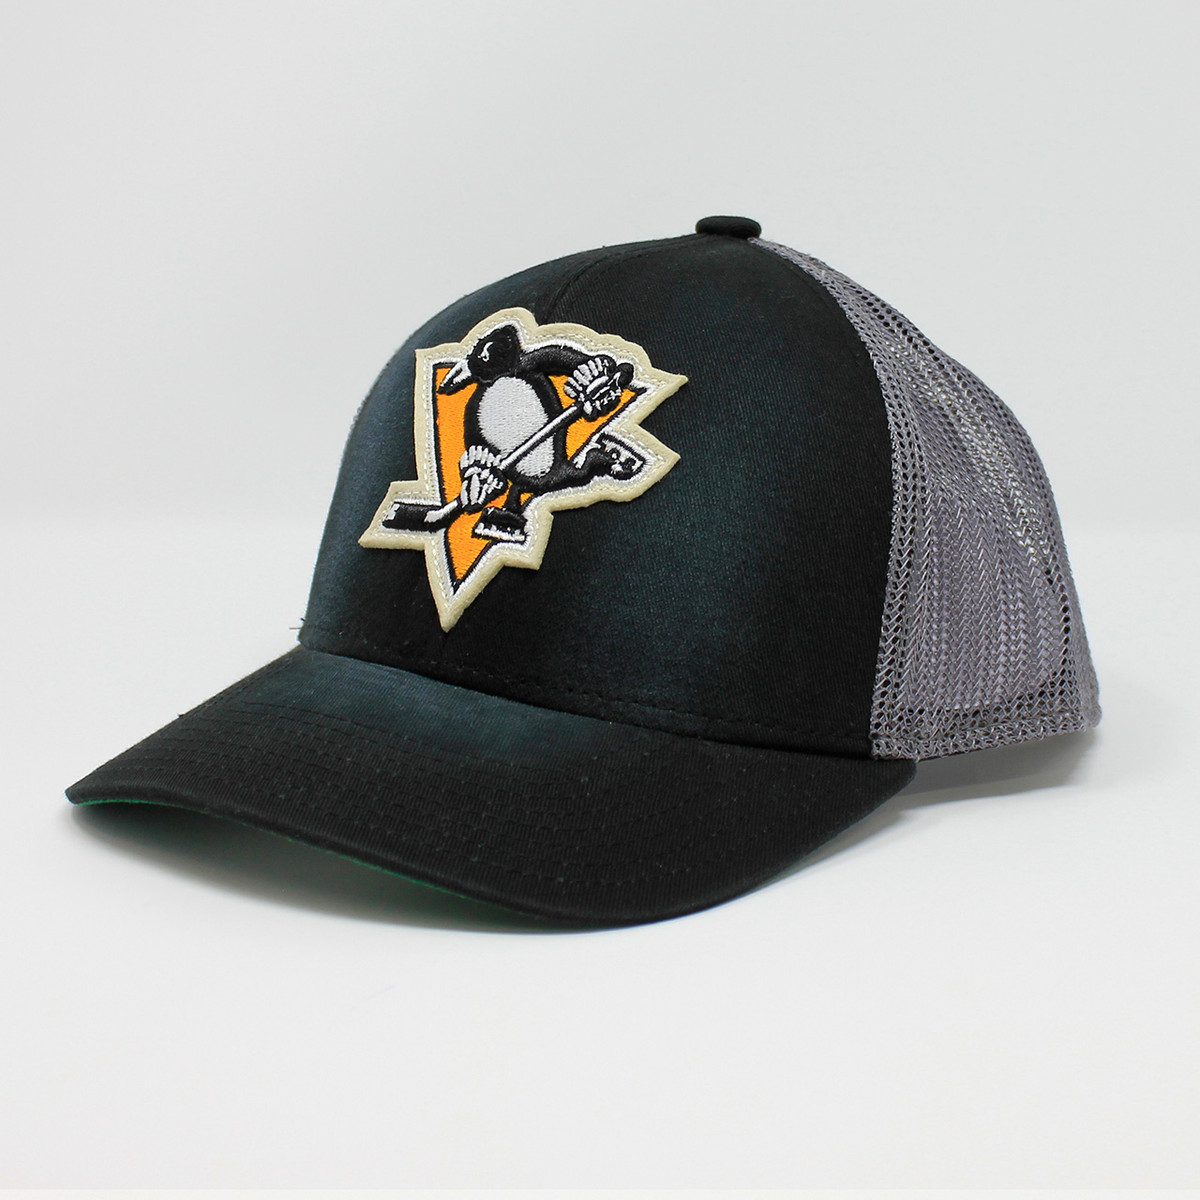 NHL Penguins Meshback Trucker